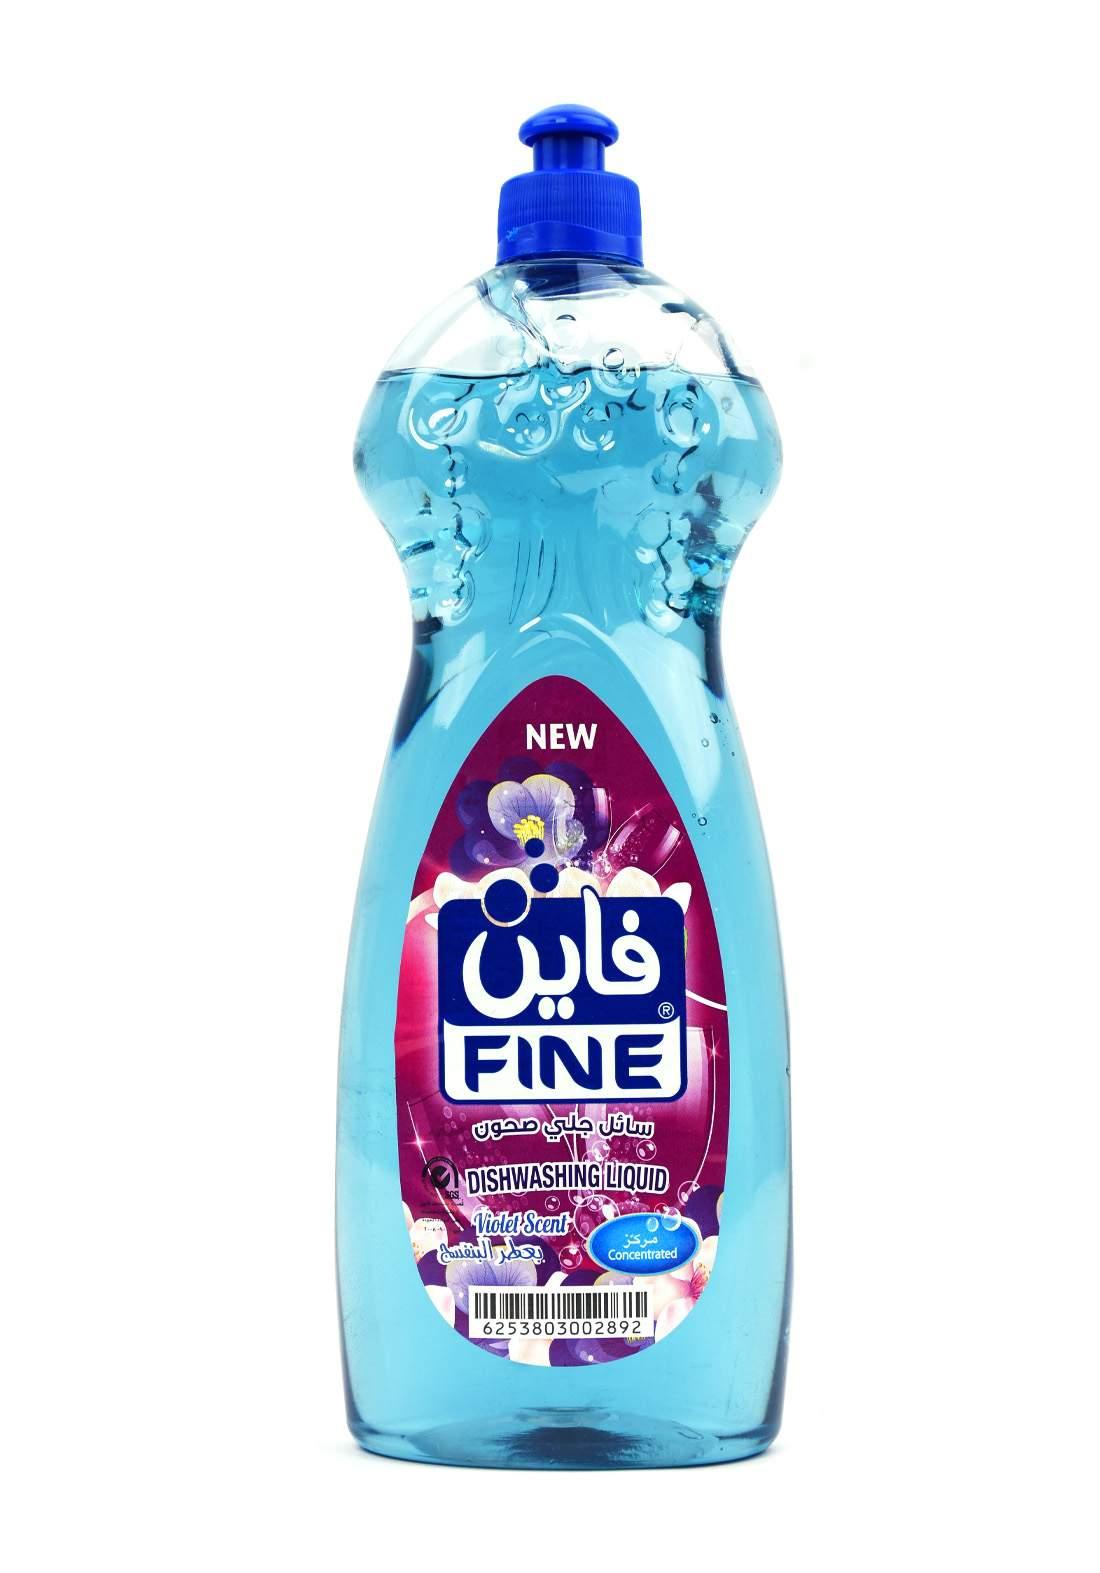 Fine Dishwashing Liquid Violet 750 ml  سائل غسيل الصحون بعطر البنفسج